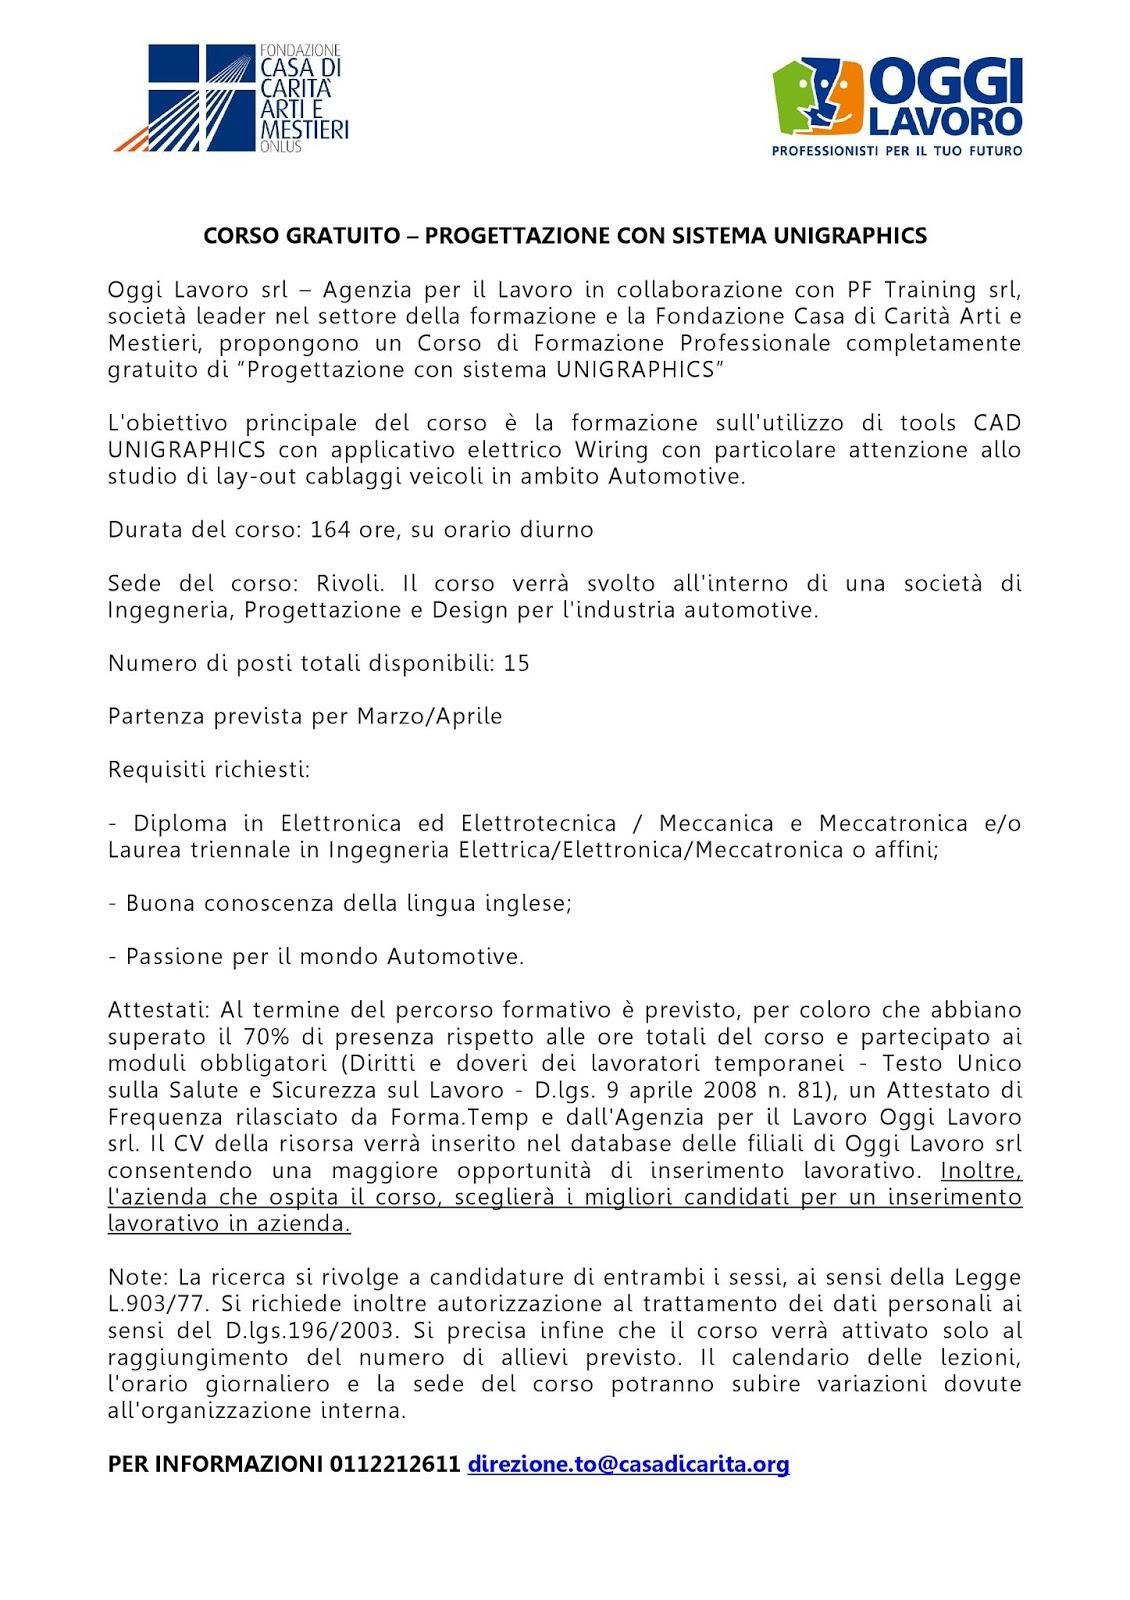 Corsi di formazione gratuiti, finanziati dalla Regione Veneto.